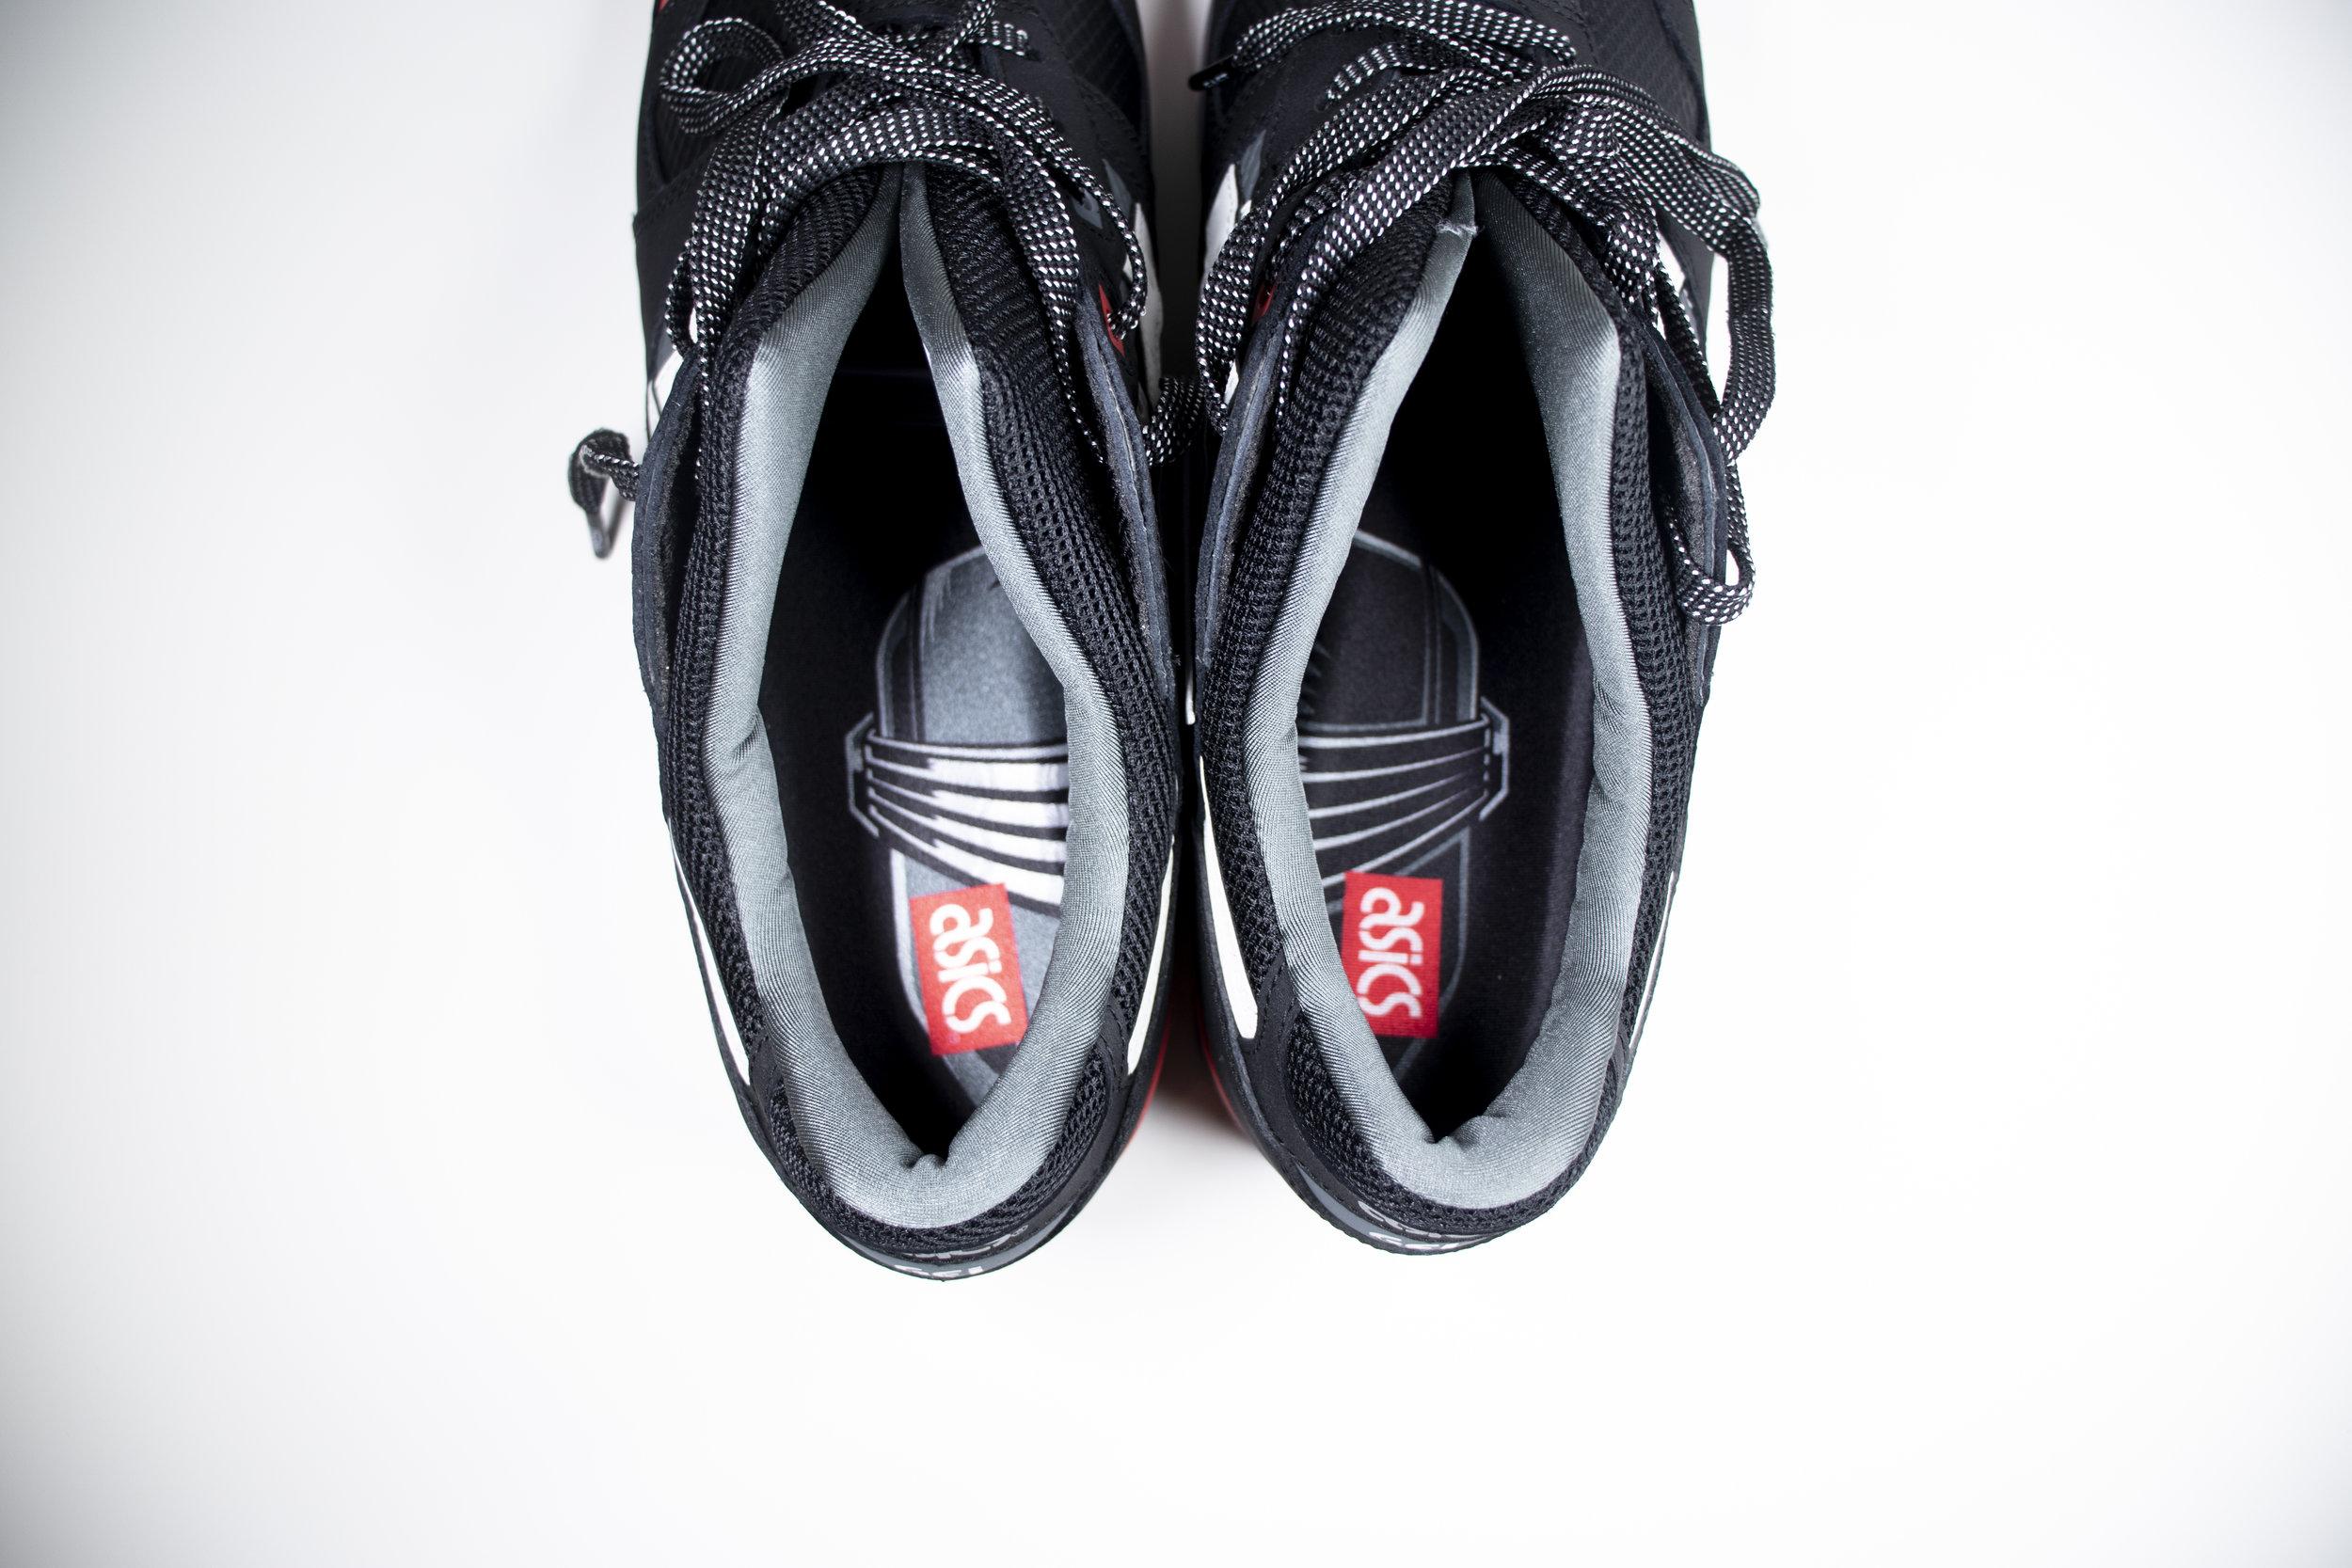 snake eyes inside shoes.jpg